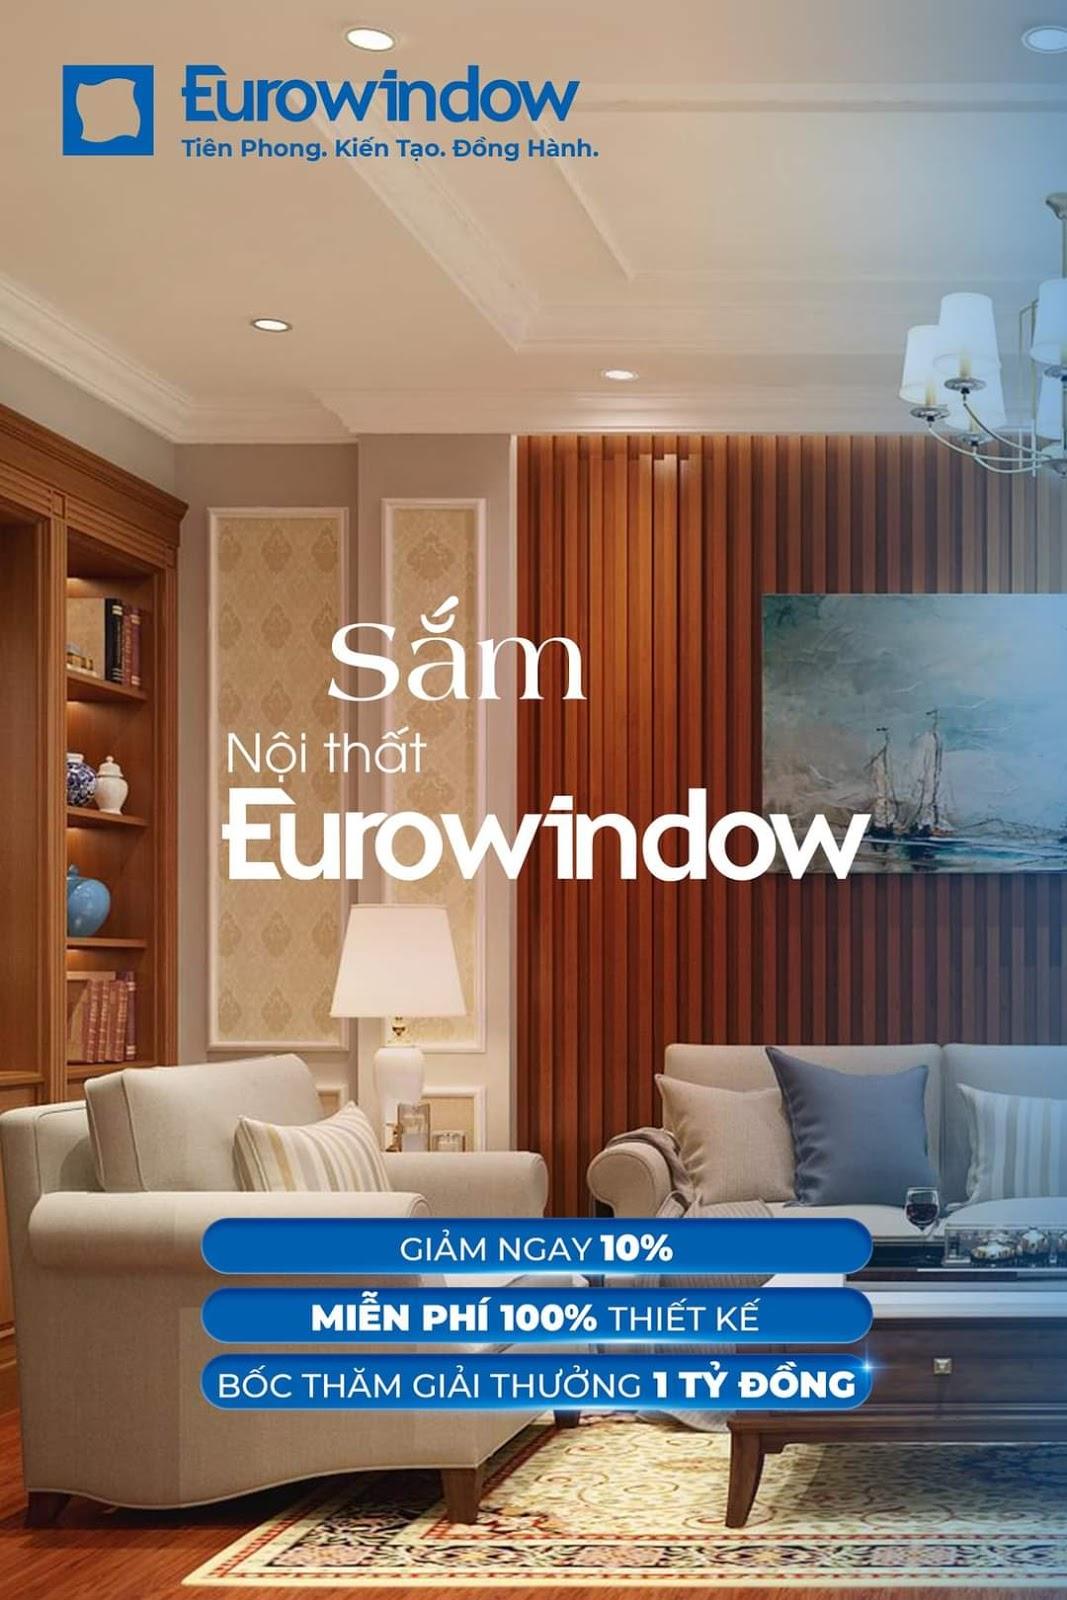 nội thất Eurowindow